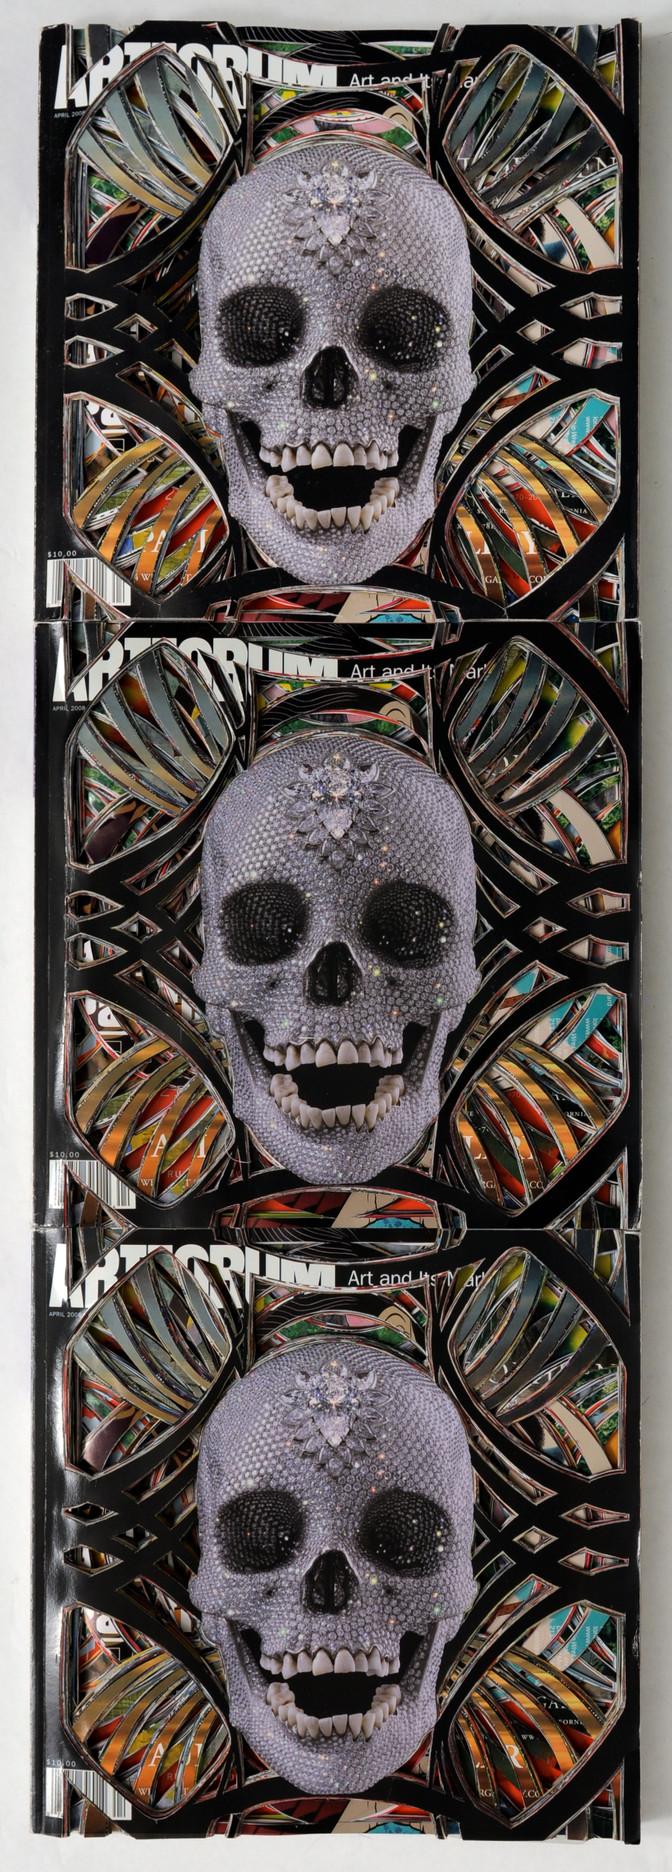 ArtForum, Unsolicited Collaboration with Damien Hirst